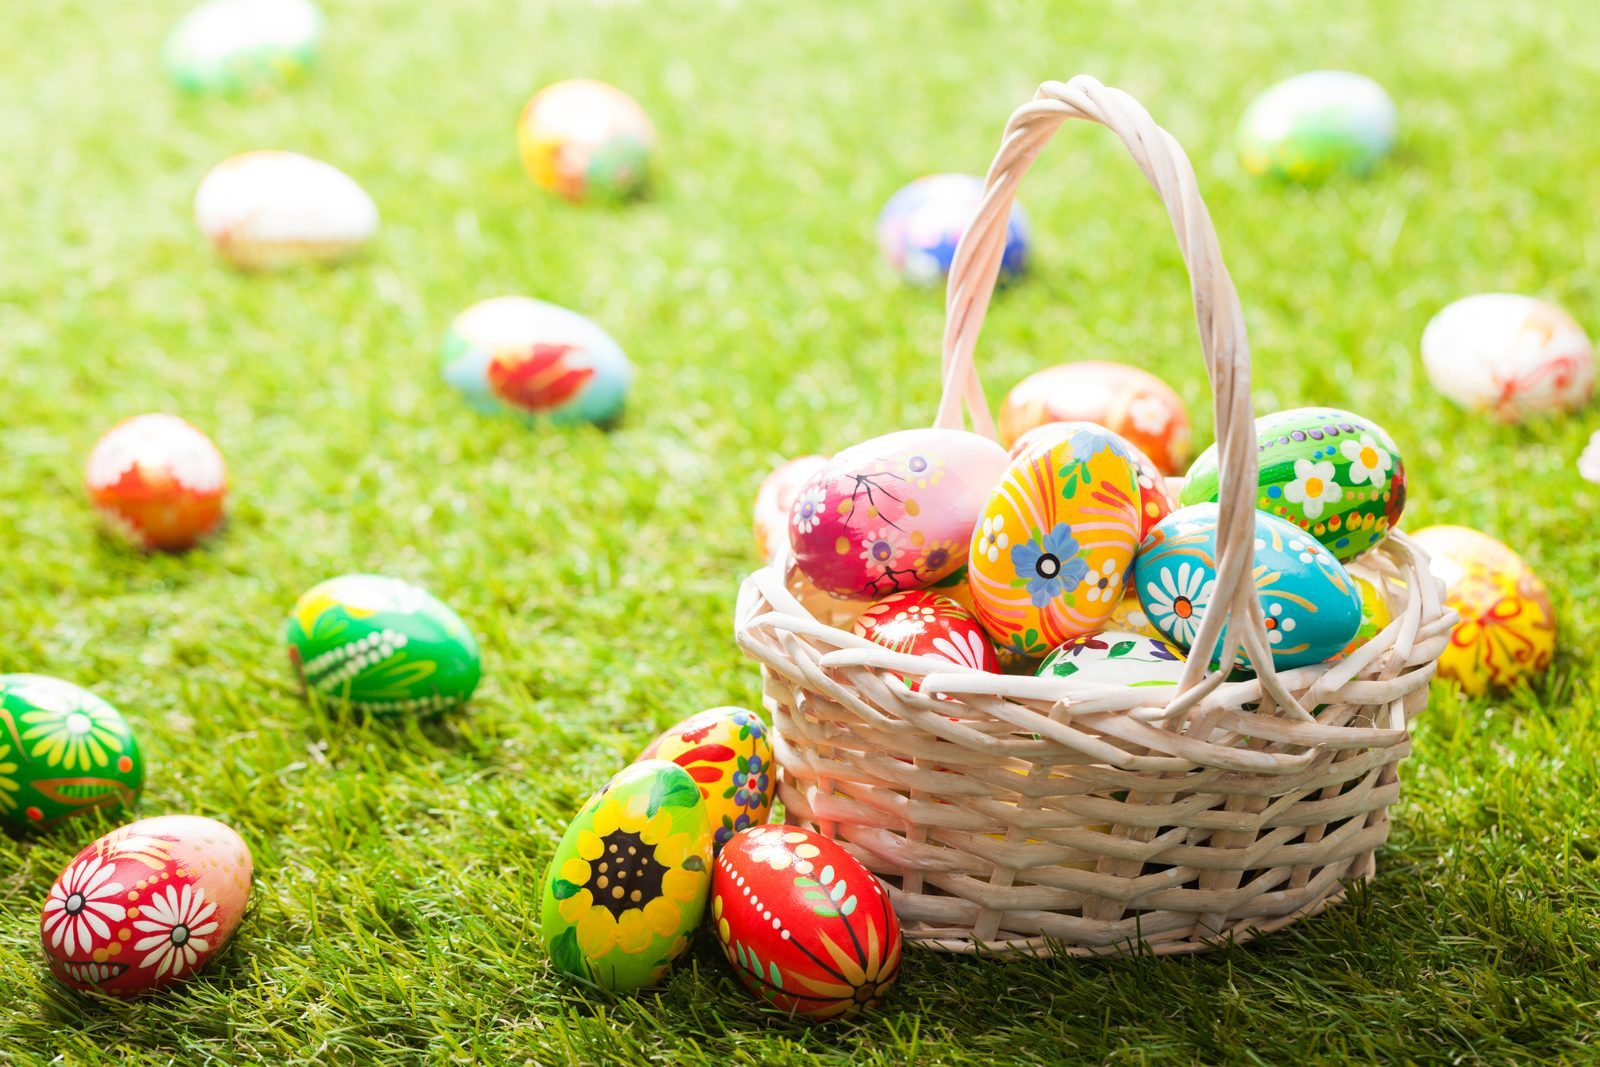 Celebrate Easter in Resort Mooi Bemelen